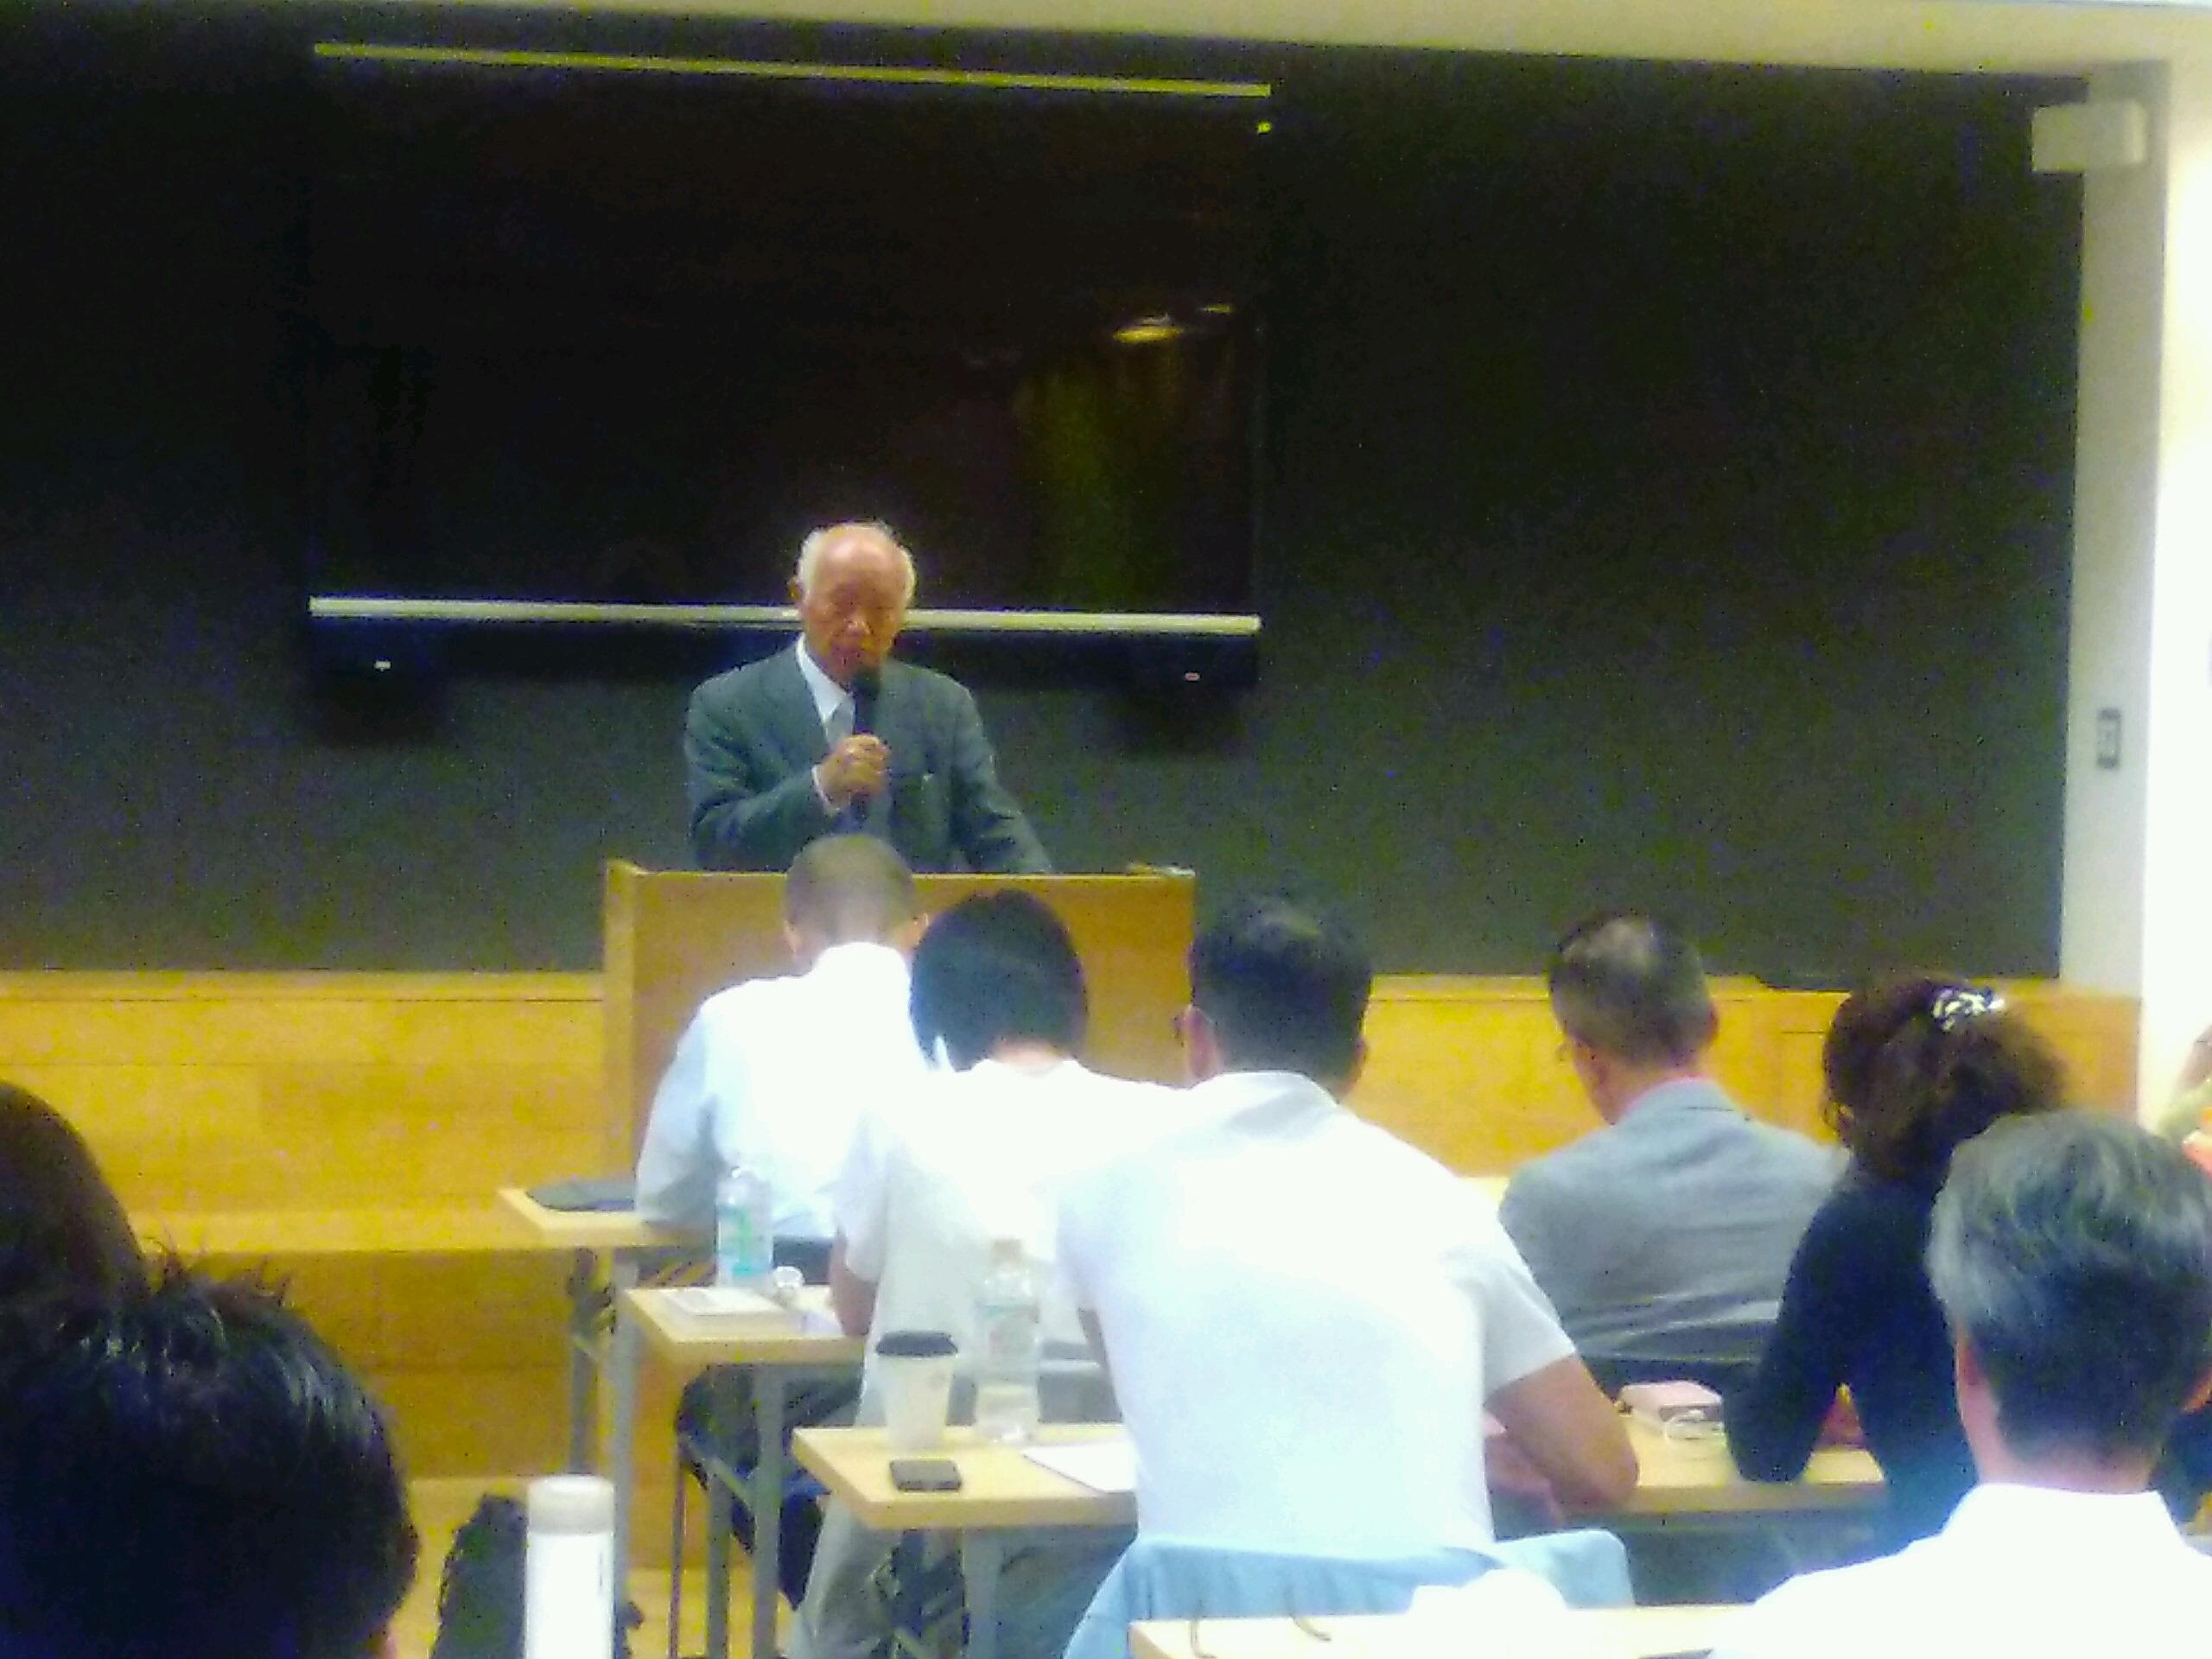 20181006150318 - 2018年10月6日(土)第5回東京思風塾開催しました。